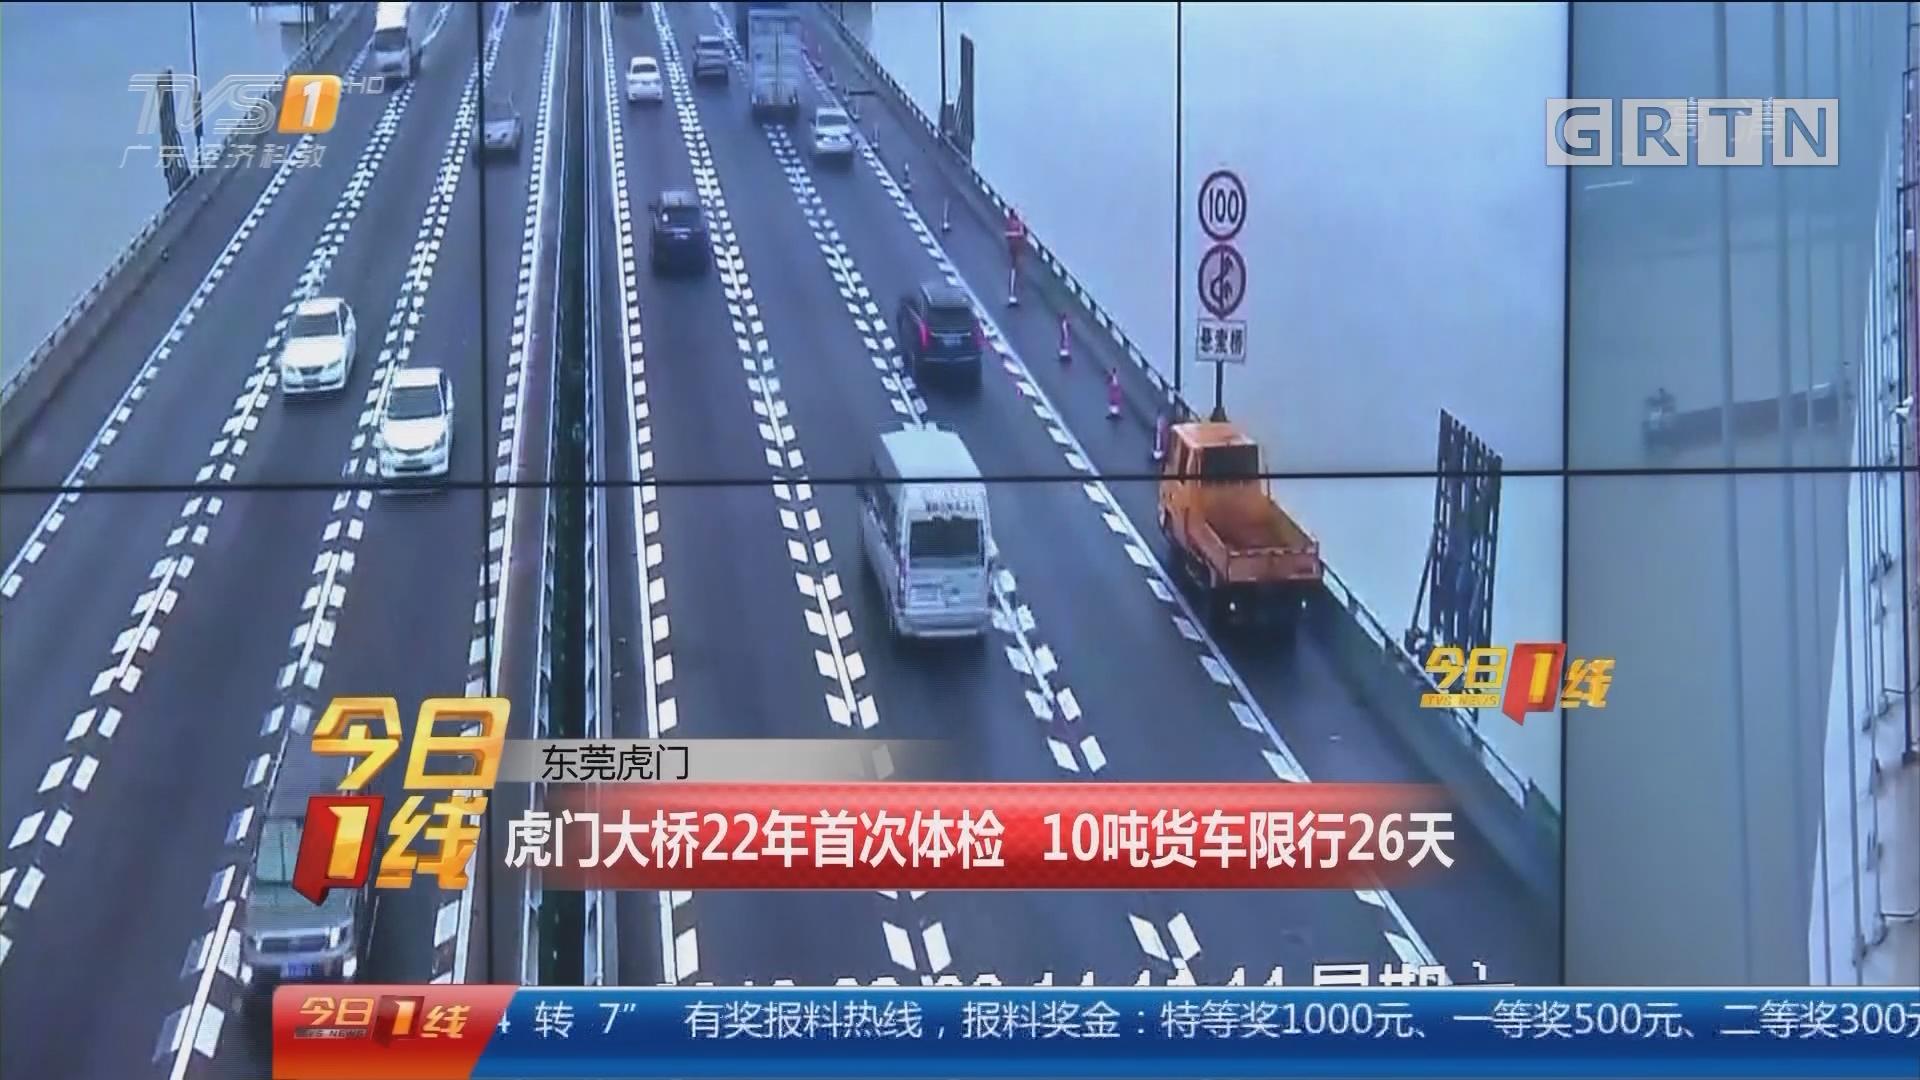 东莞虎门:虎门大桥22年首次体检 10吨货车限行26天